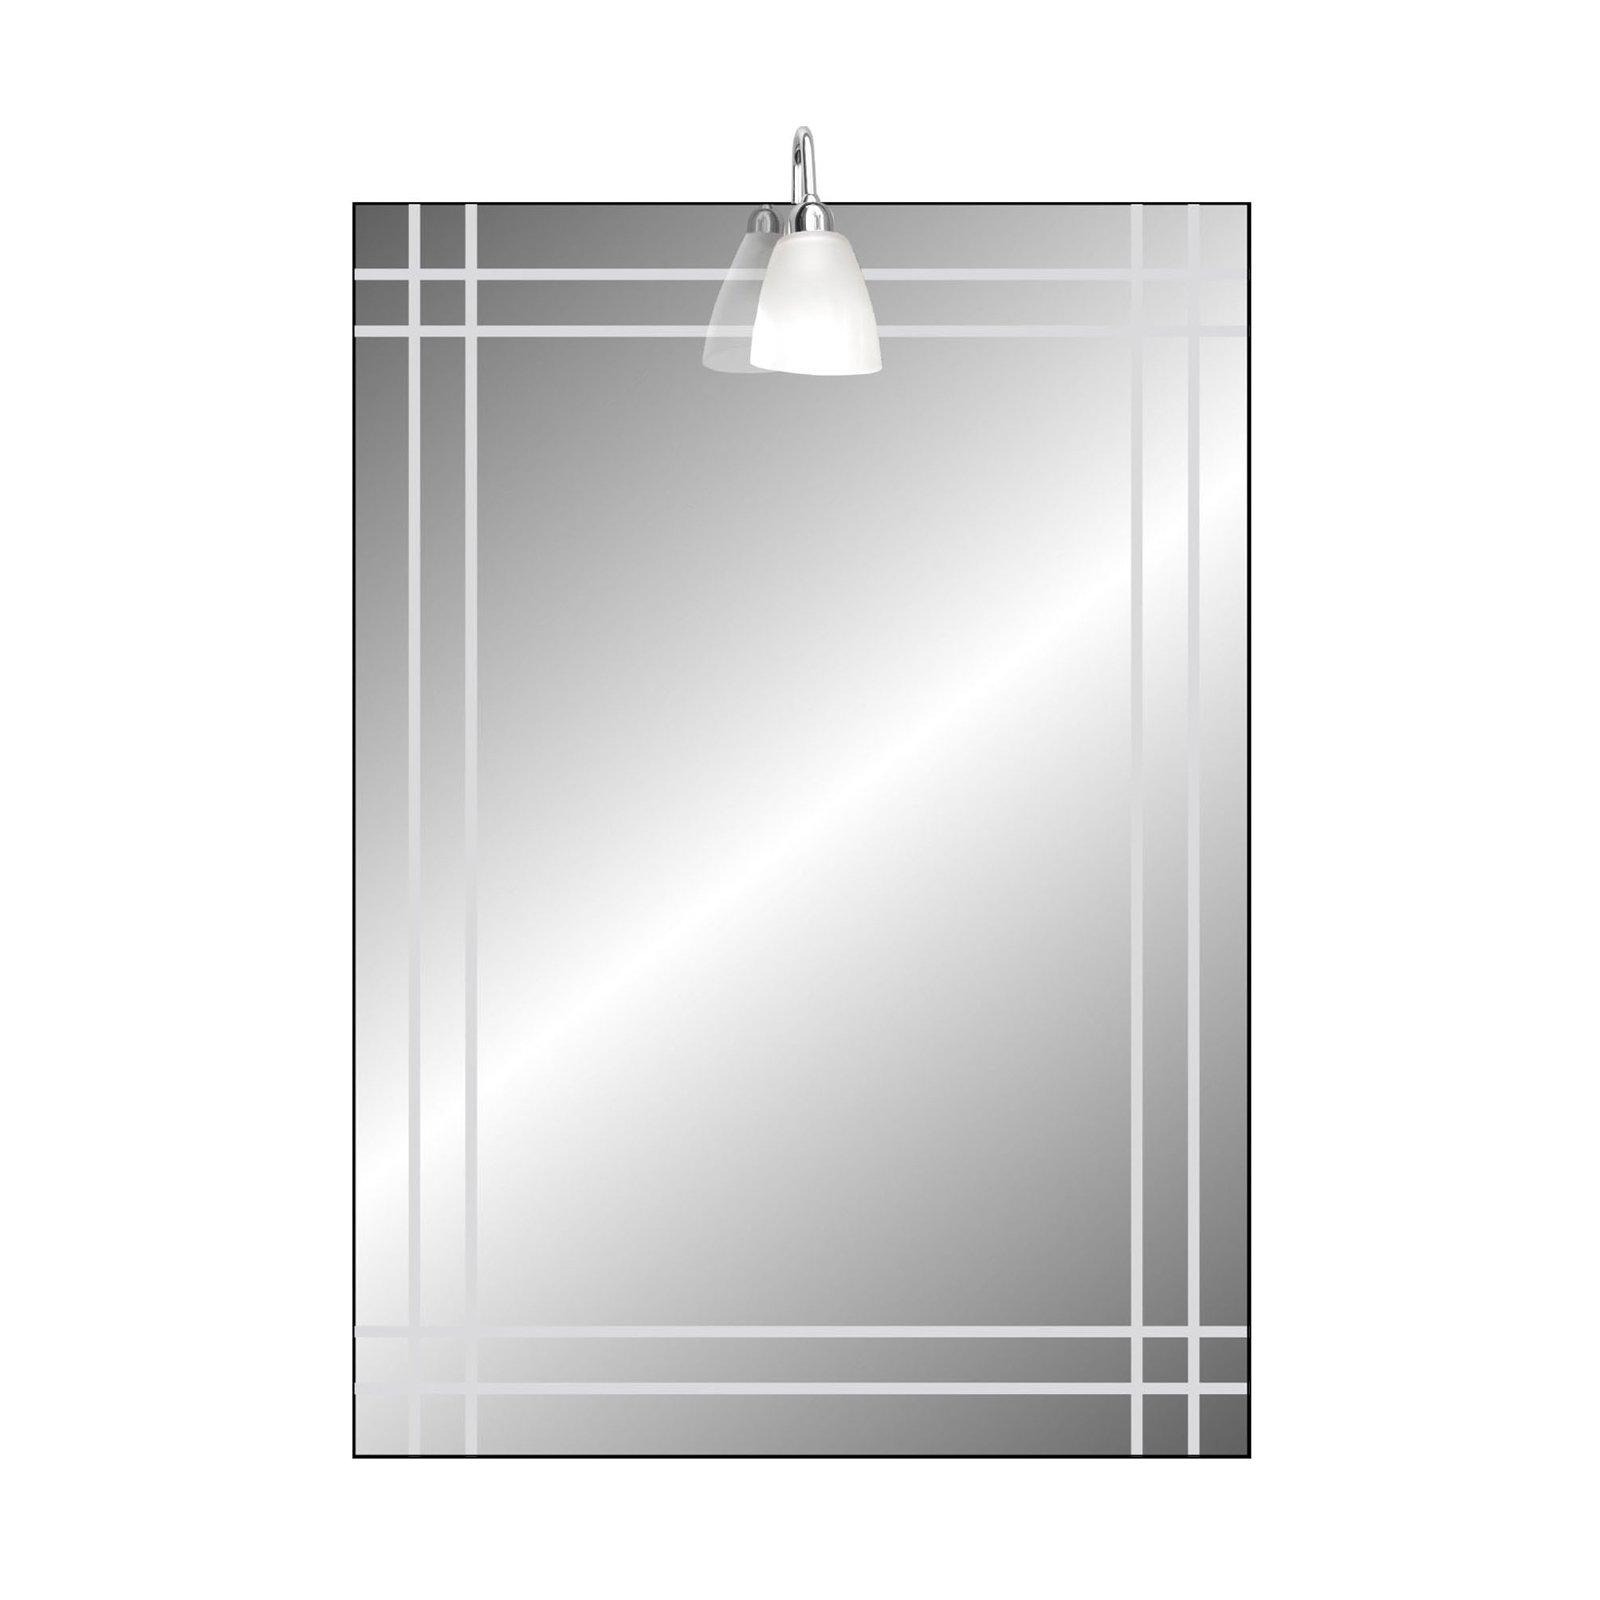 Specchi sopra il lavabo cose di casa for Leroy merlin lavabo bagno